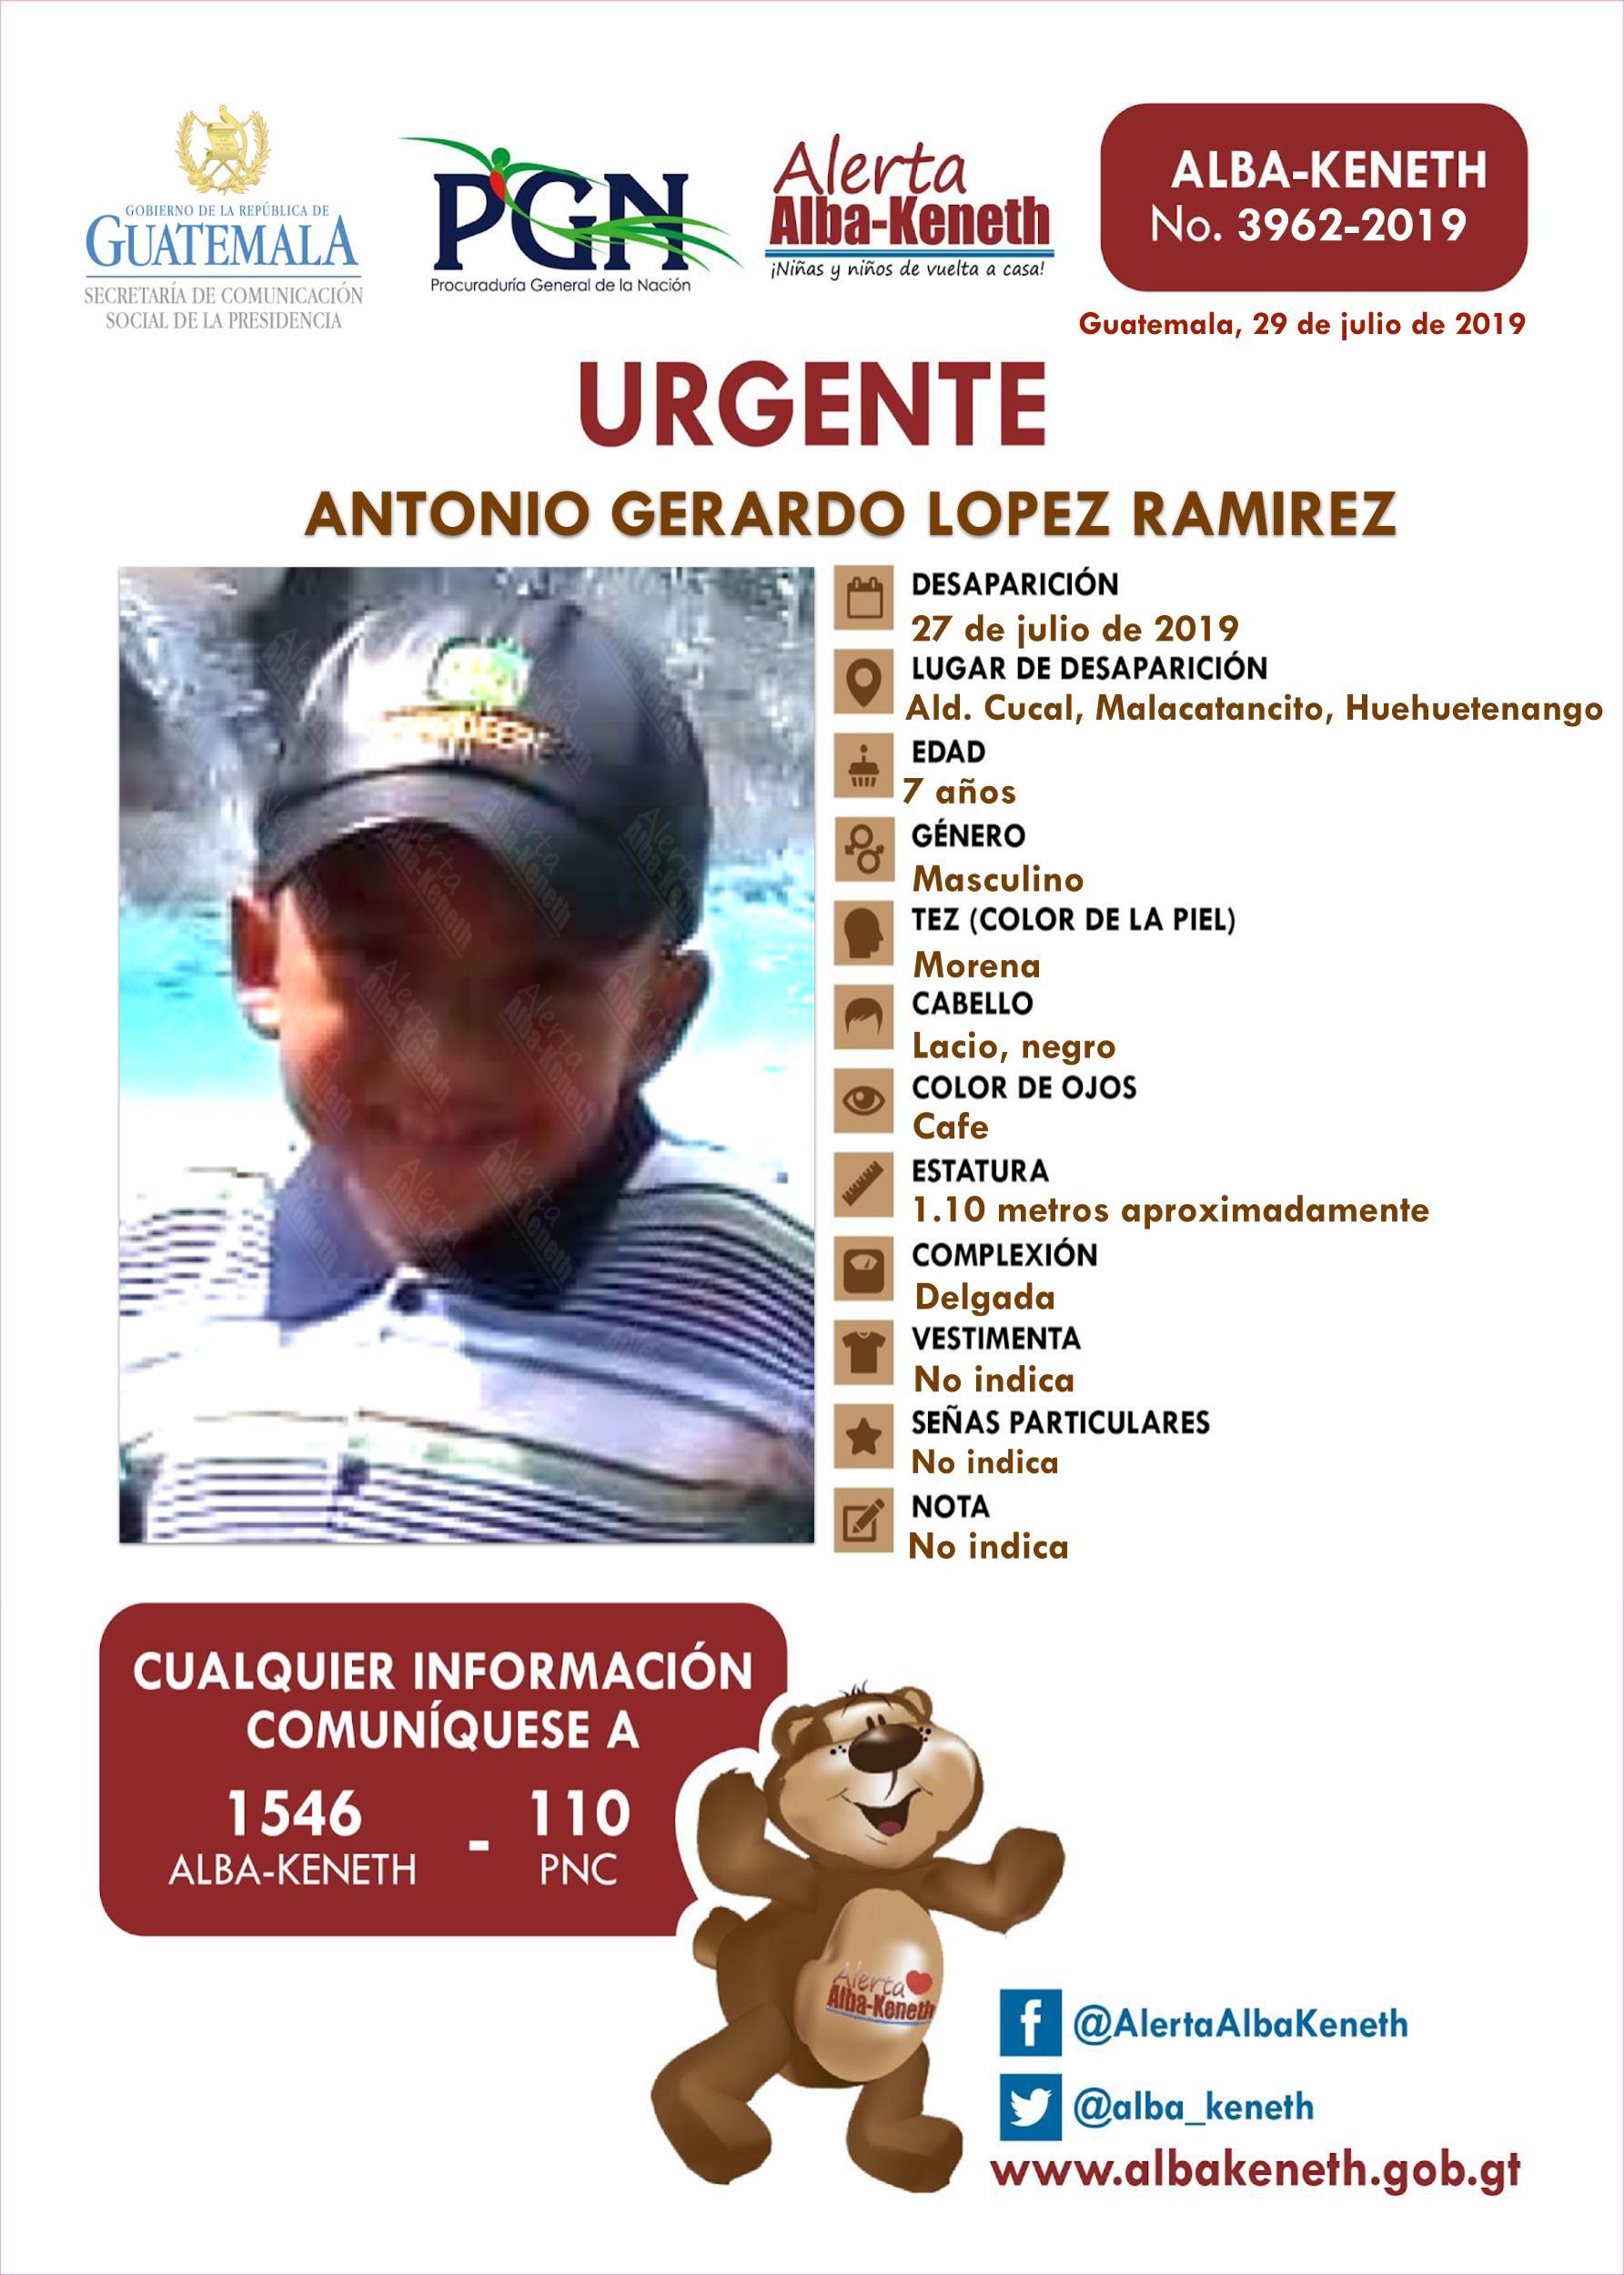 Antonio Gerardo Lopez Ramirez